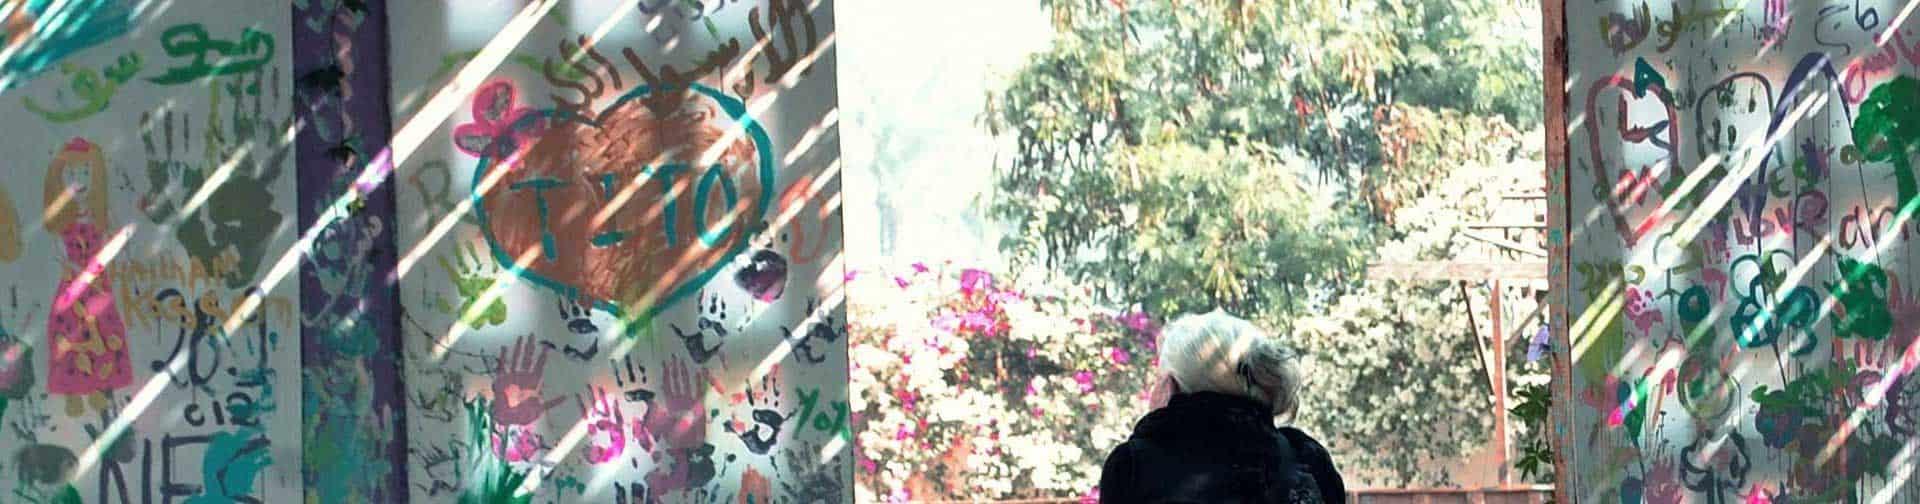 Etelka Kovacs-Koller, Malerin, madforart Action Painting